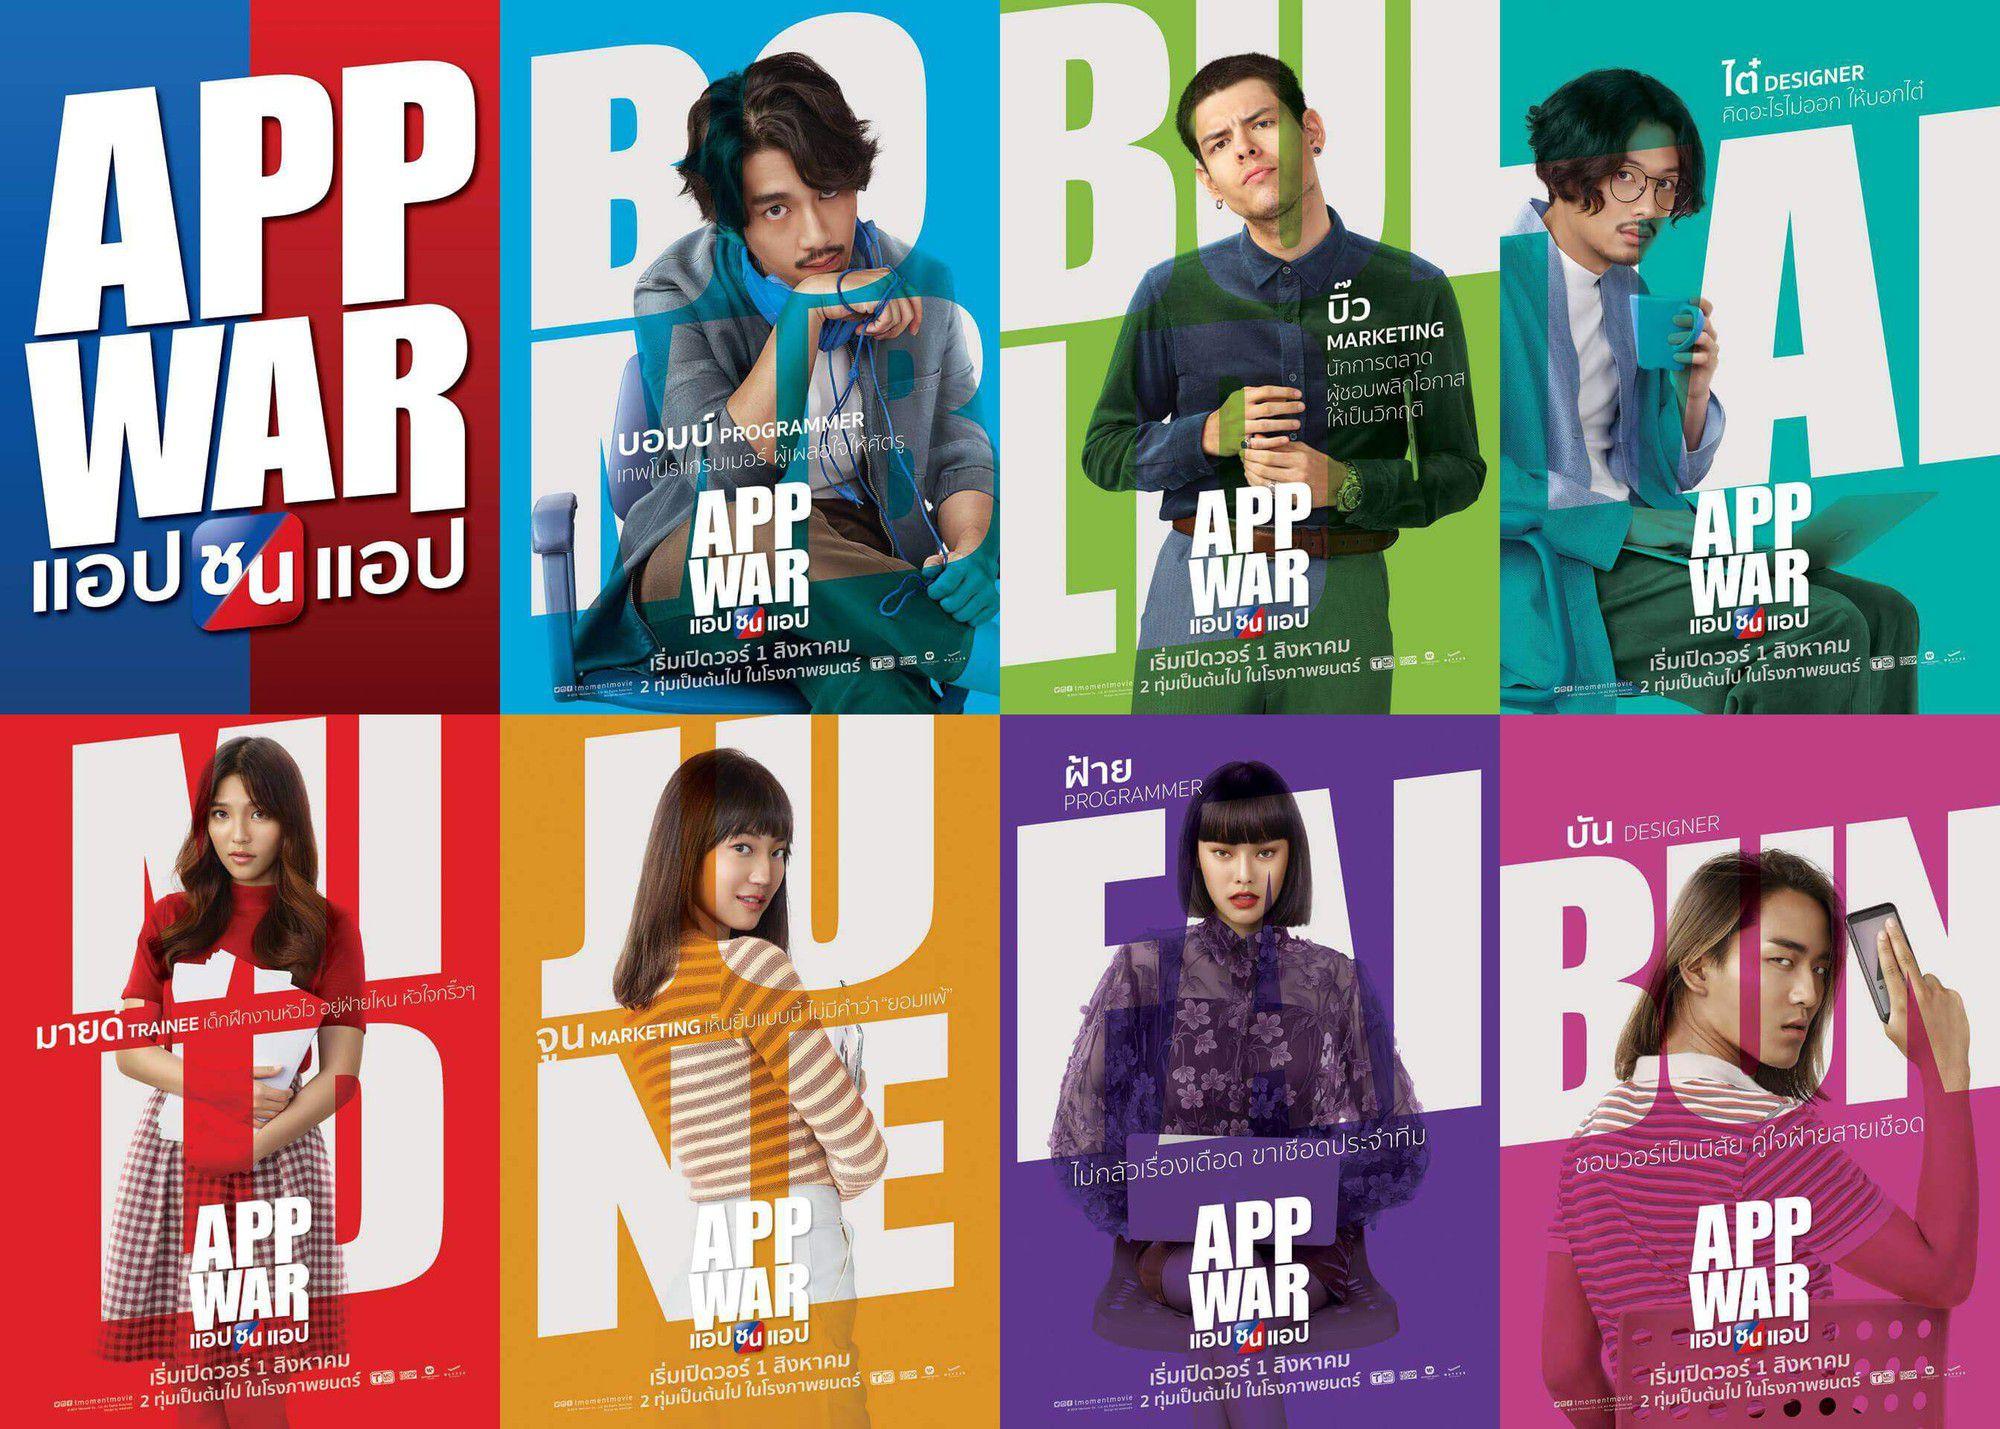 App War: Phim điện ảnh Thái Lan hay về khởi nghiệp của người trẻ (5)